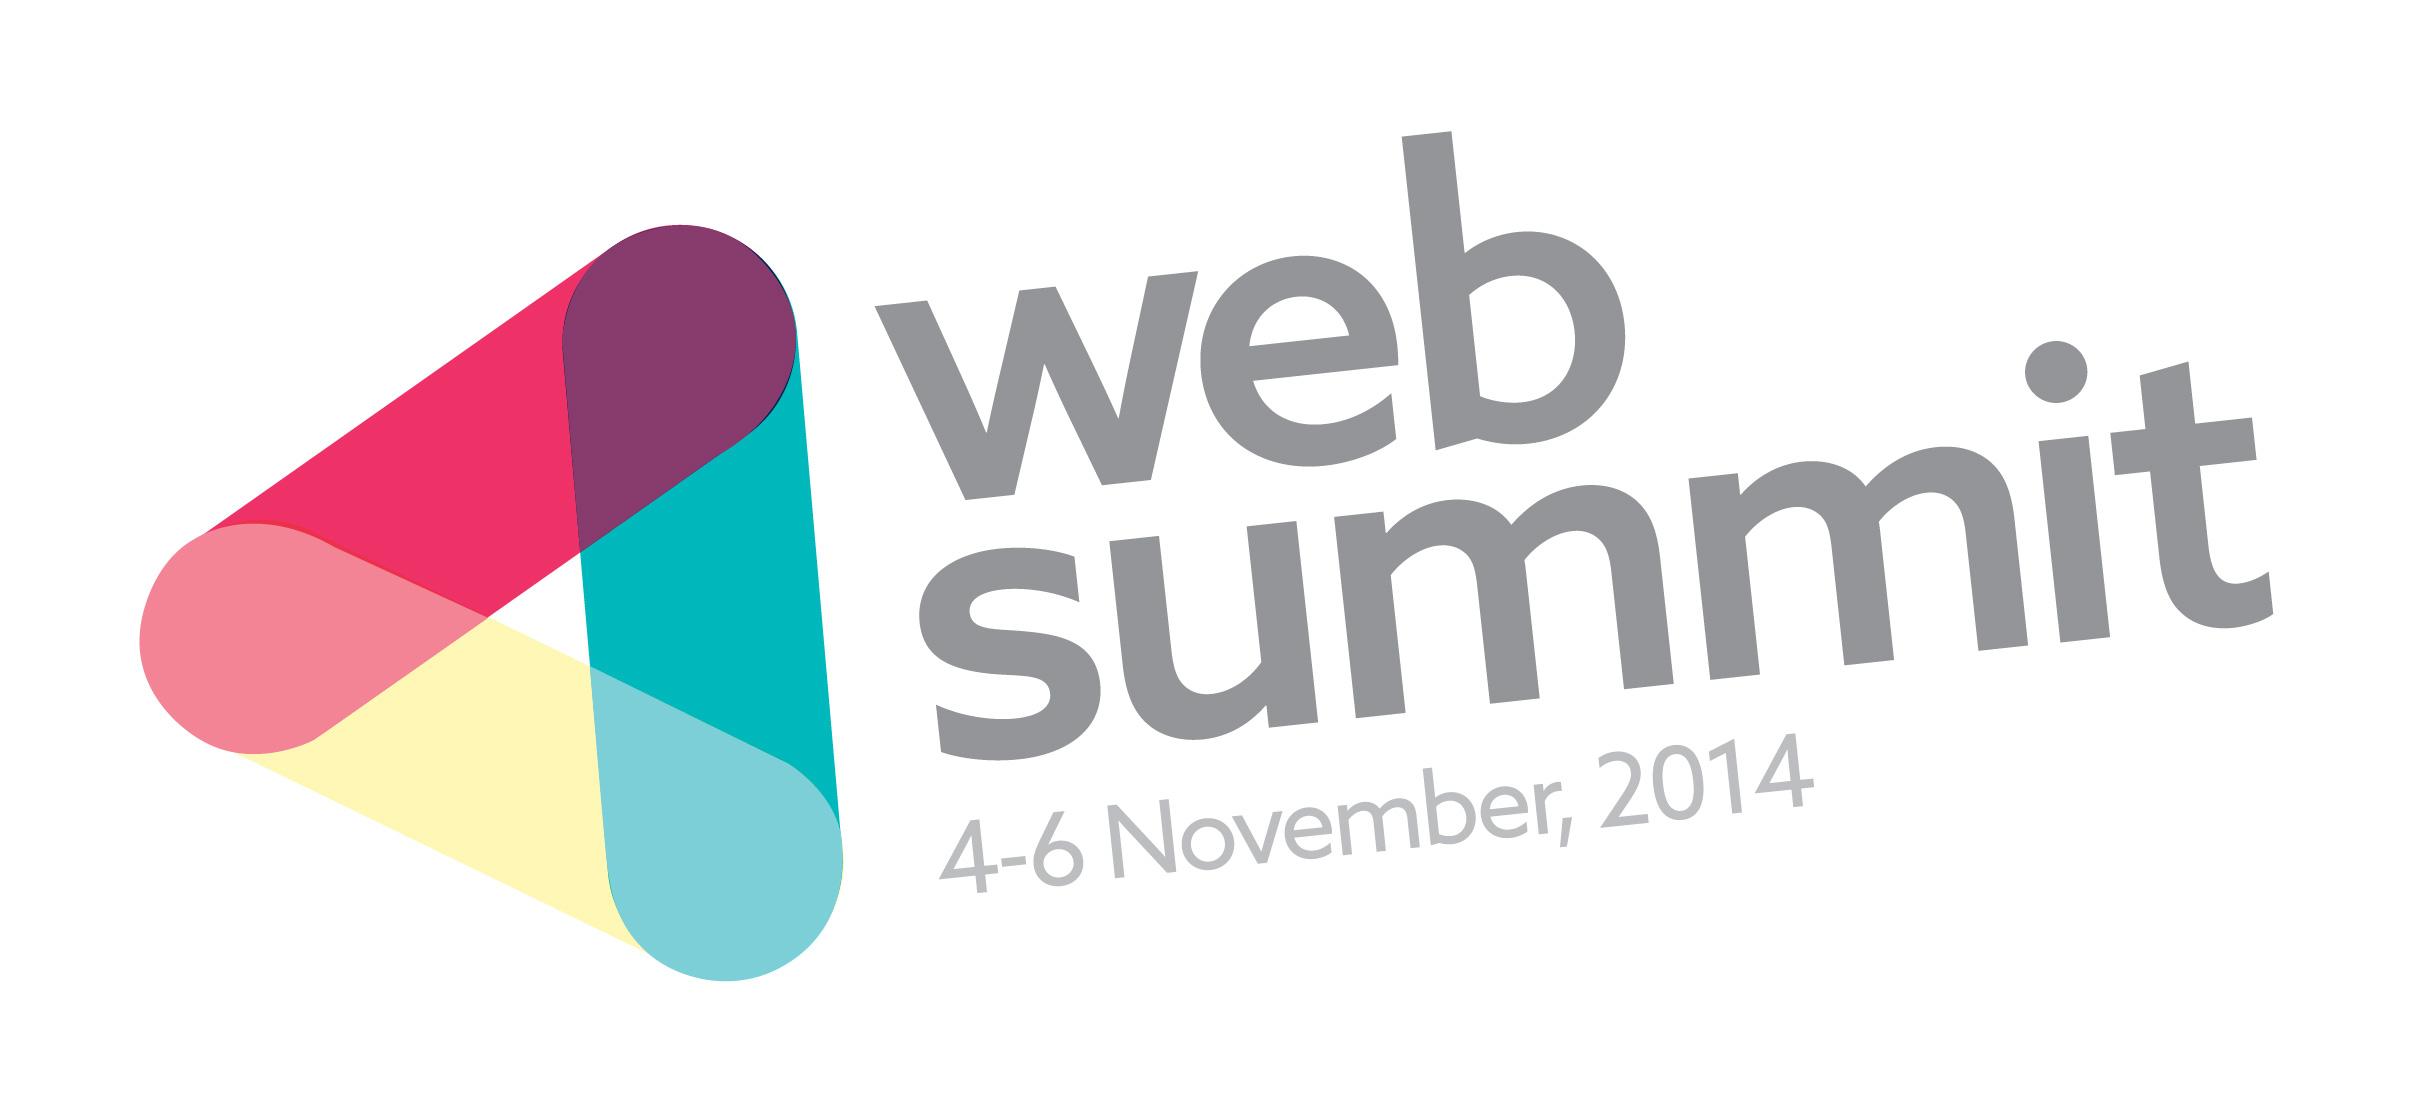 Tony Hawk and Eva Longoria -under one Dublin roof at the Web Summit 4-6 Nov